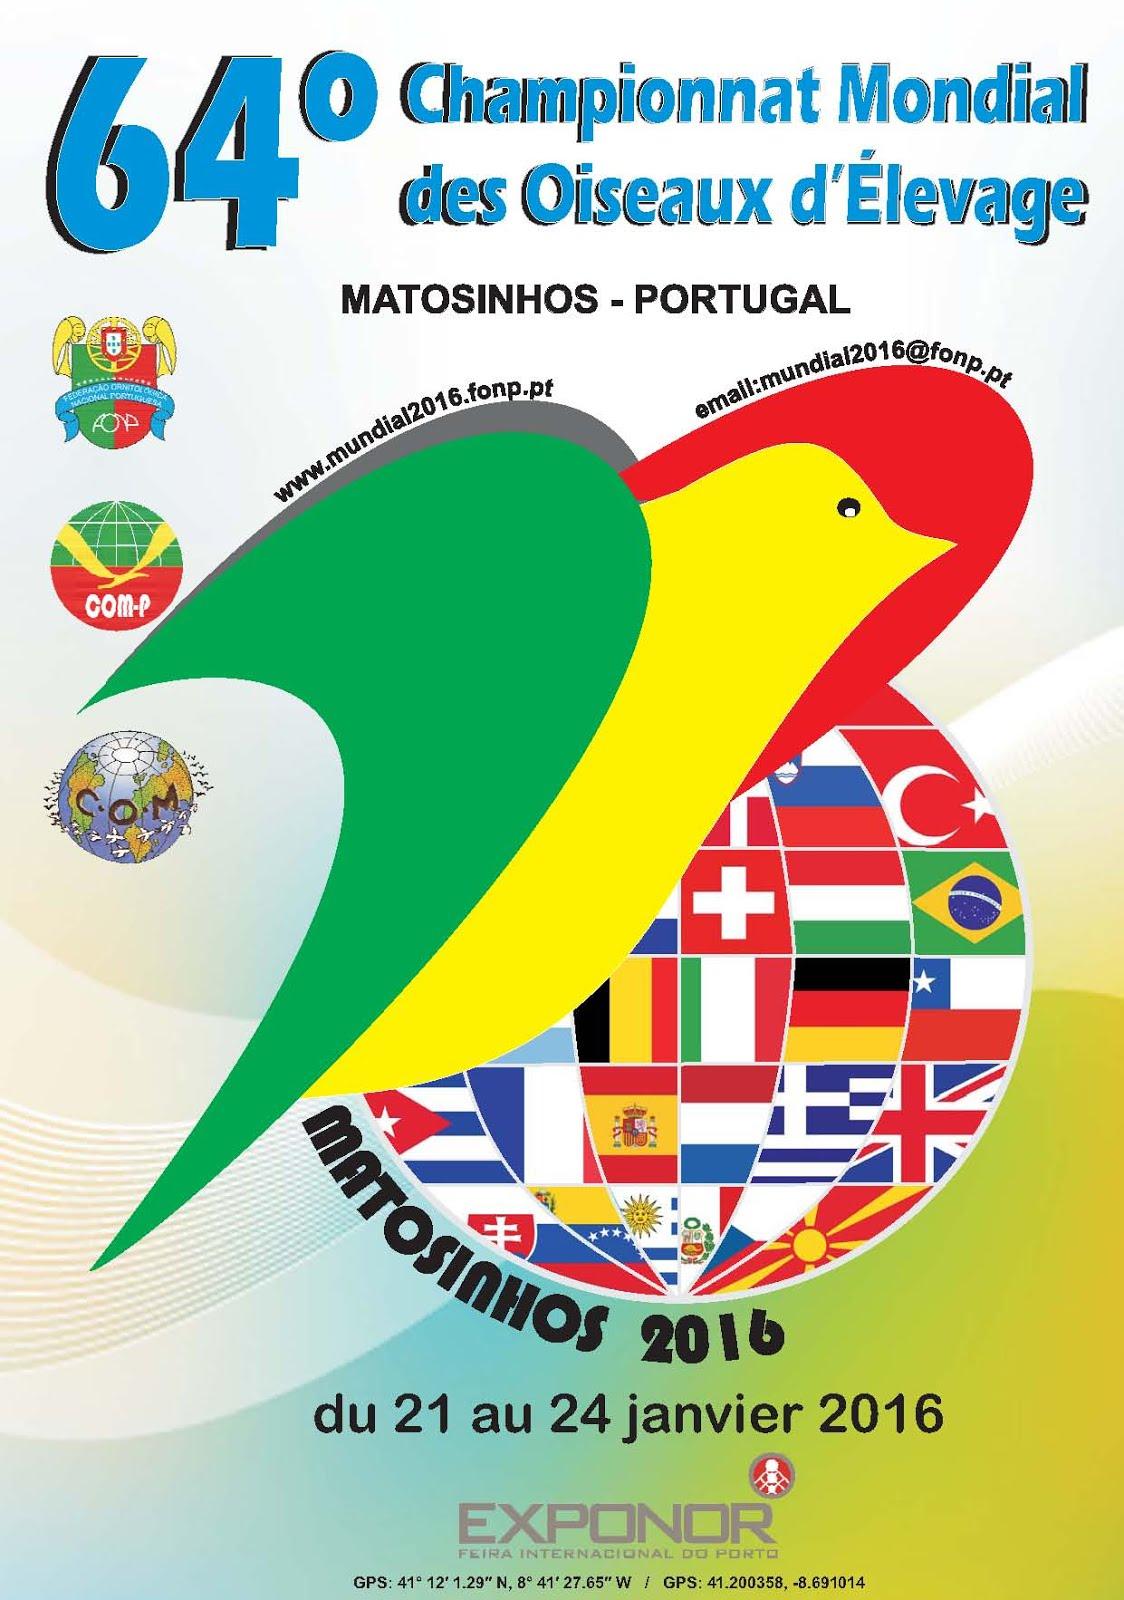 mondial 2016